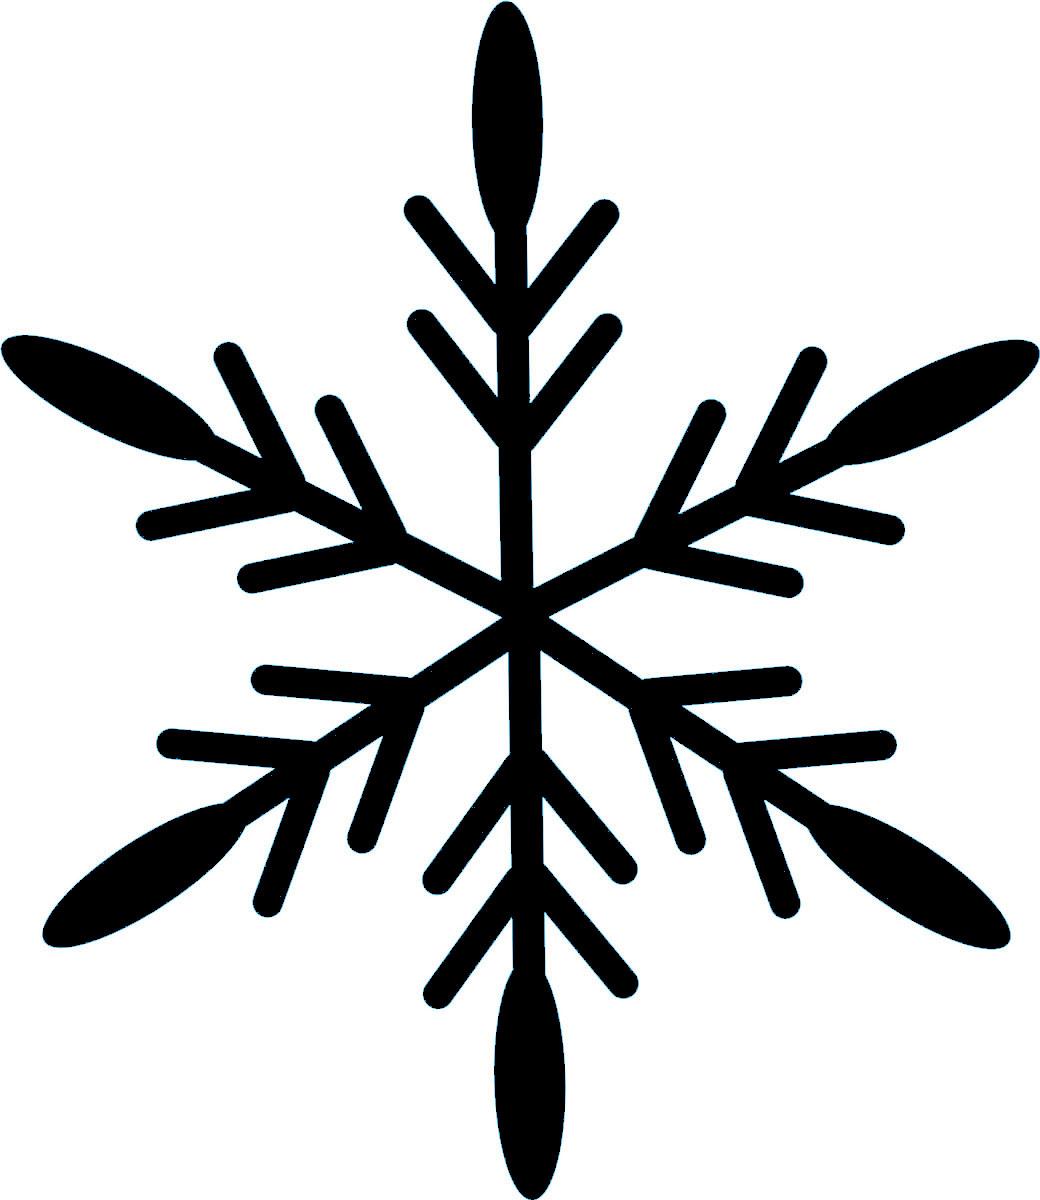 Наклейка автомобильная Оранжевый слоник Снежинка 6, виниловая, цвет: черный150NG00014BОригинальная наклейка Оранжевый слоник Снежинка 6 изготовлена из высококачественной виниловой пленки, которая выполняет не только декоративную функцию, но и защищает кузов автомобиля от небольших механических повреждений, либо скрывает уже существующие. Виниловые наклейки на автомобиль - это не только красиво, но еще и быстро! Всего за несколько минут вы можете полностью преобразить свой автомобиль, сделать его ярким, необычным, особенным и неповторимым!